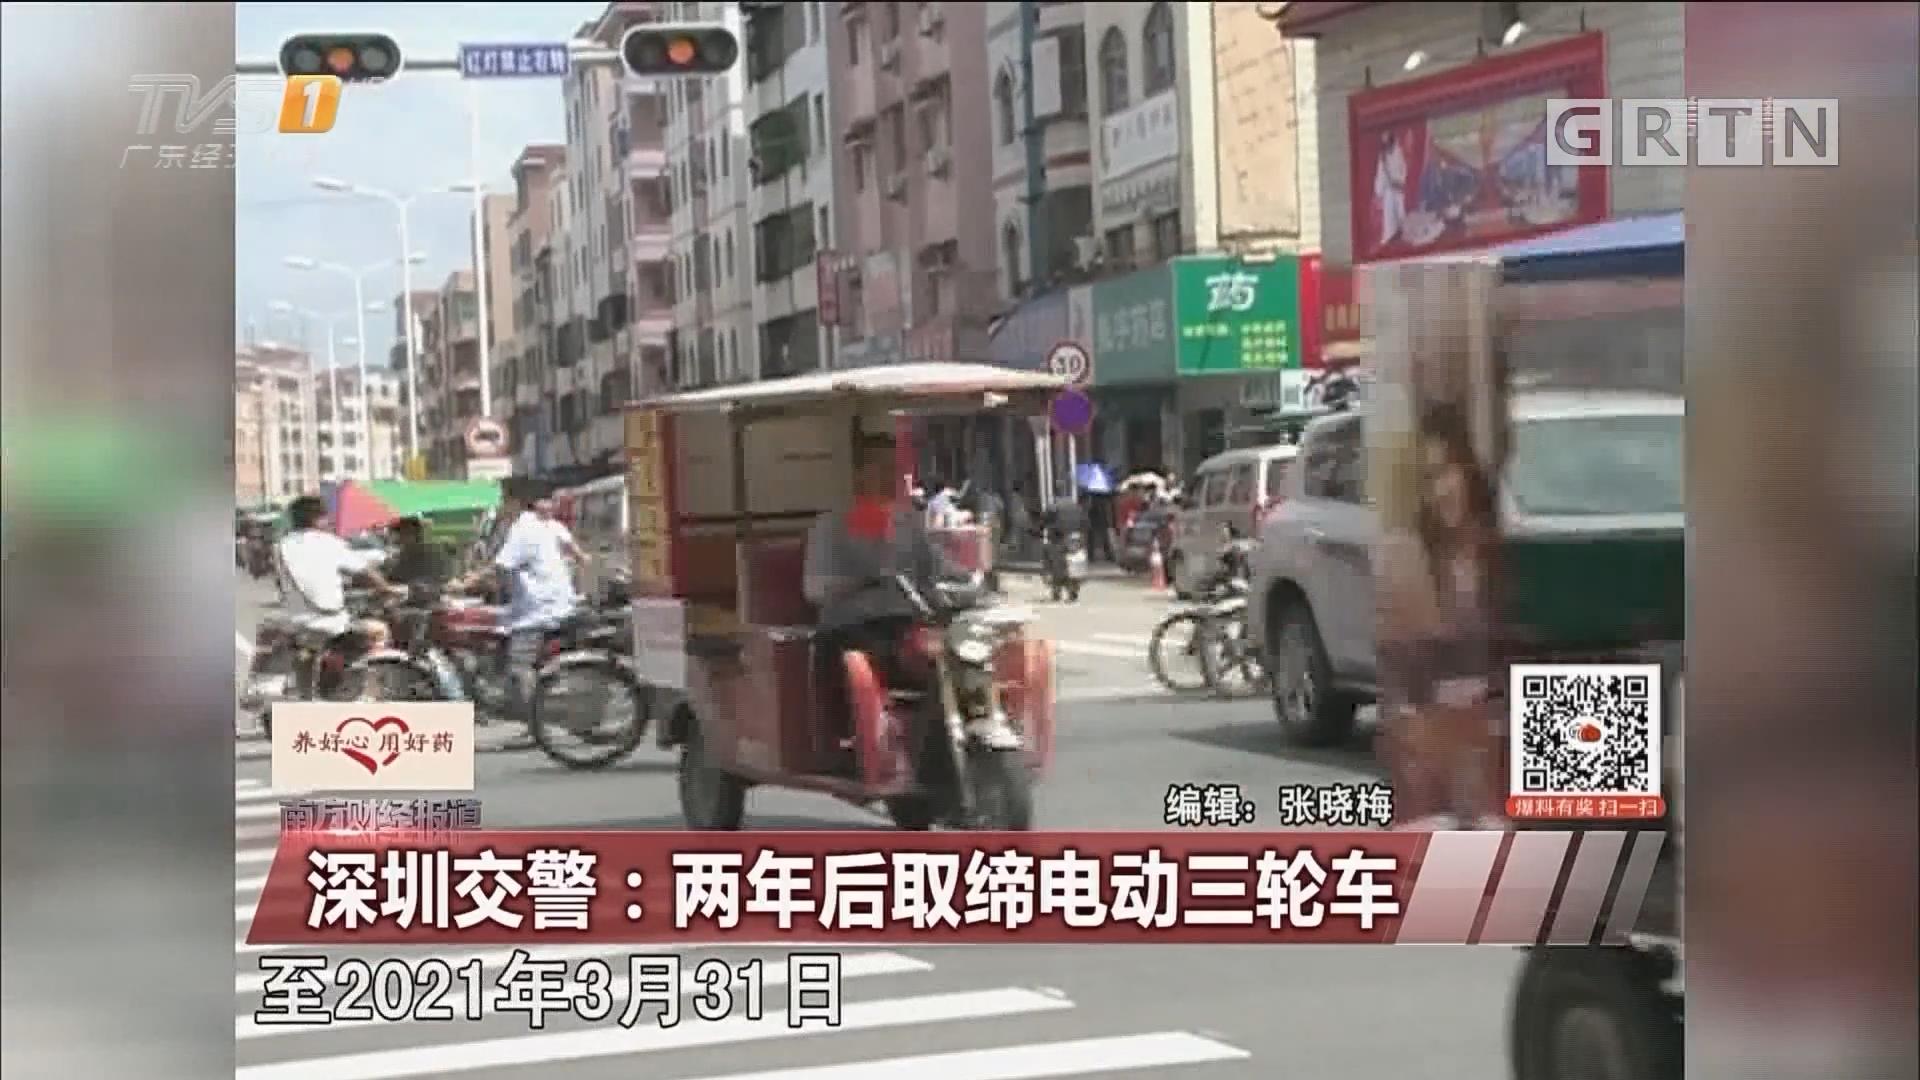 深圳交警:两年后取缔电动三轮车